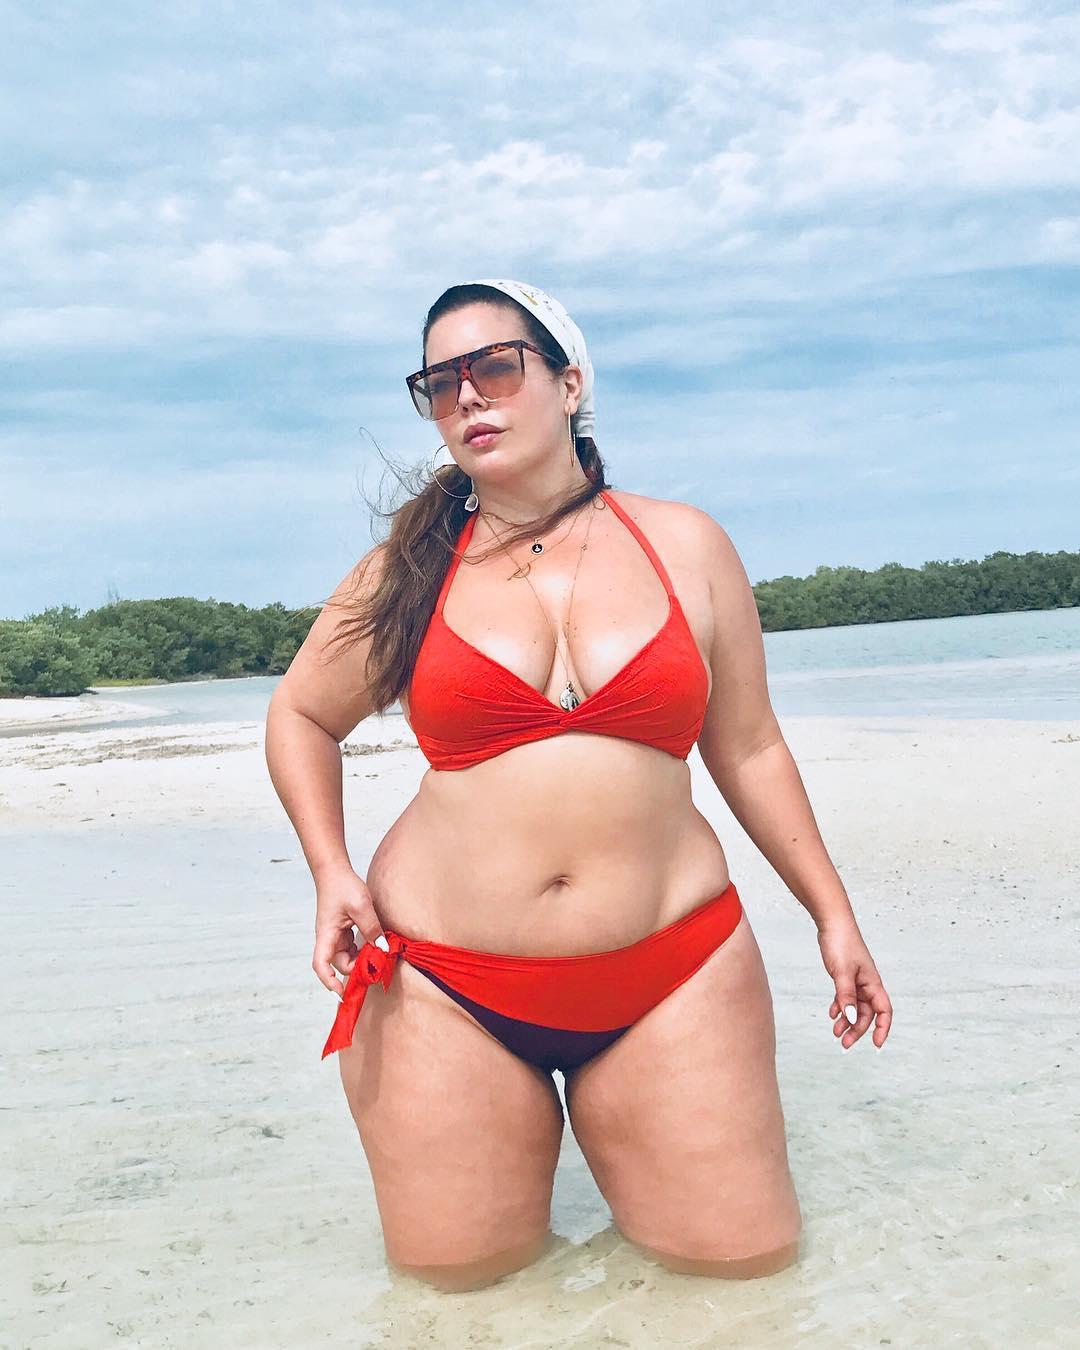 Pictures fat bikini woman, nudist beach girls